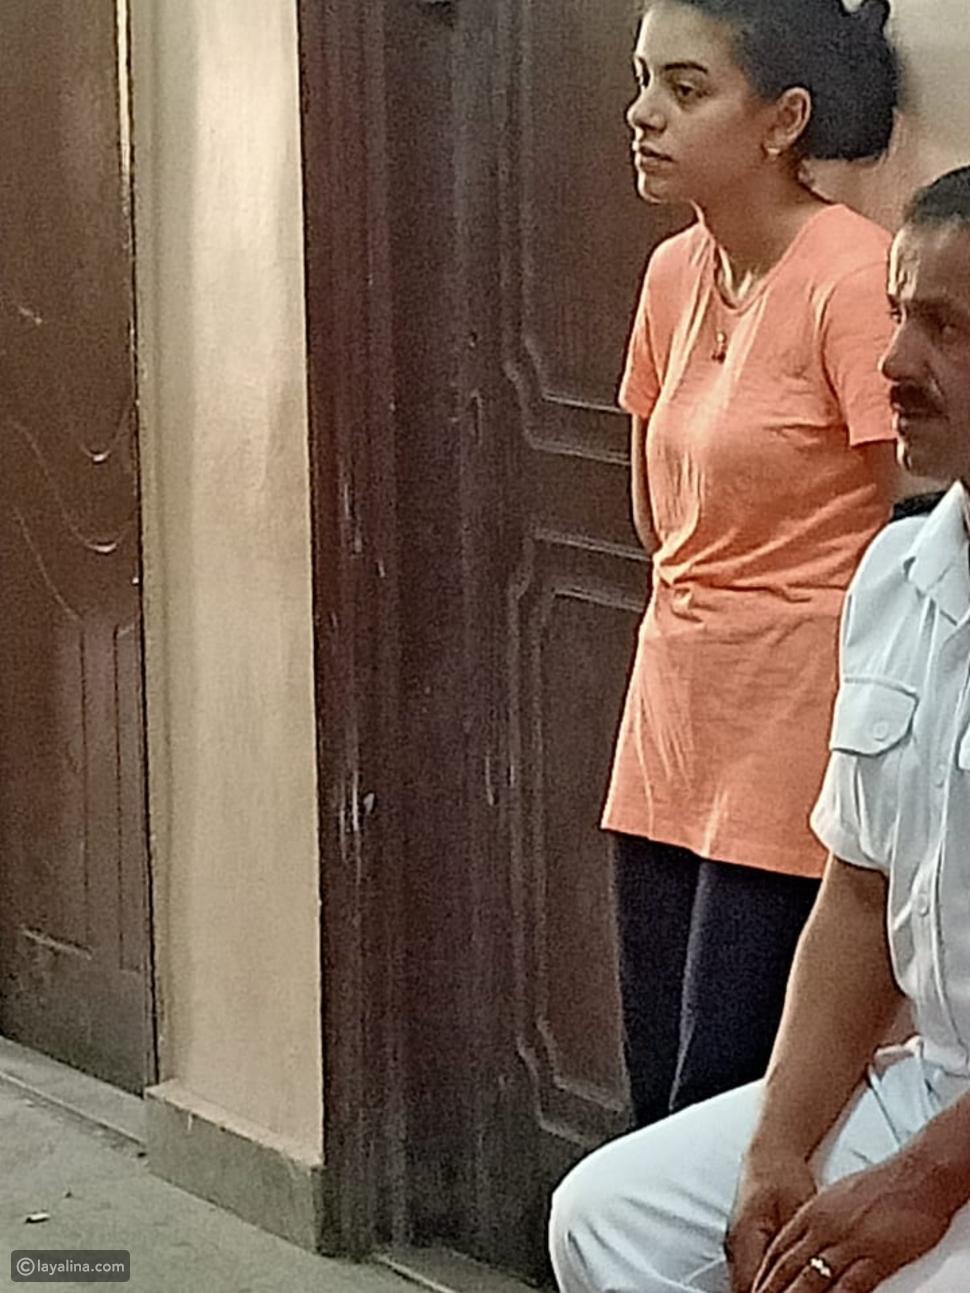 زينب أثناء التحقيق معها في النيابة